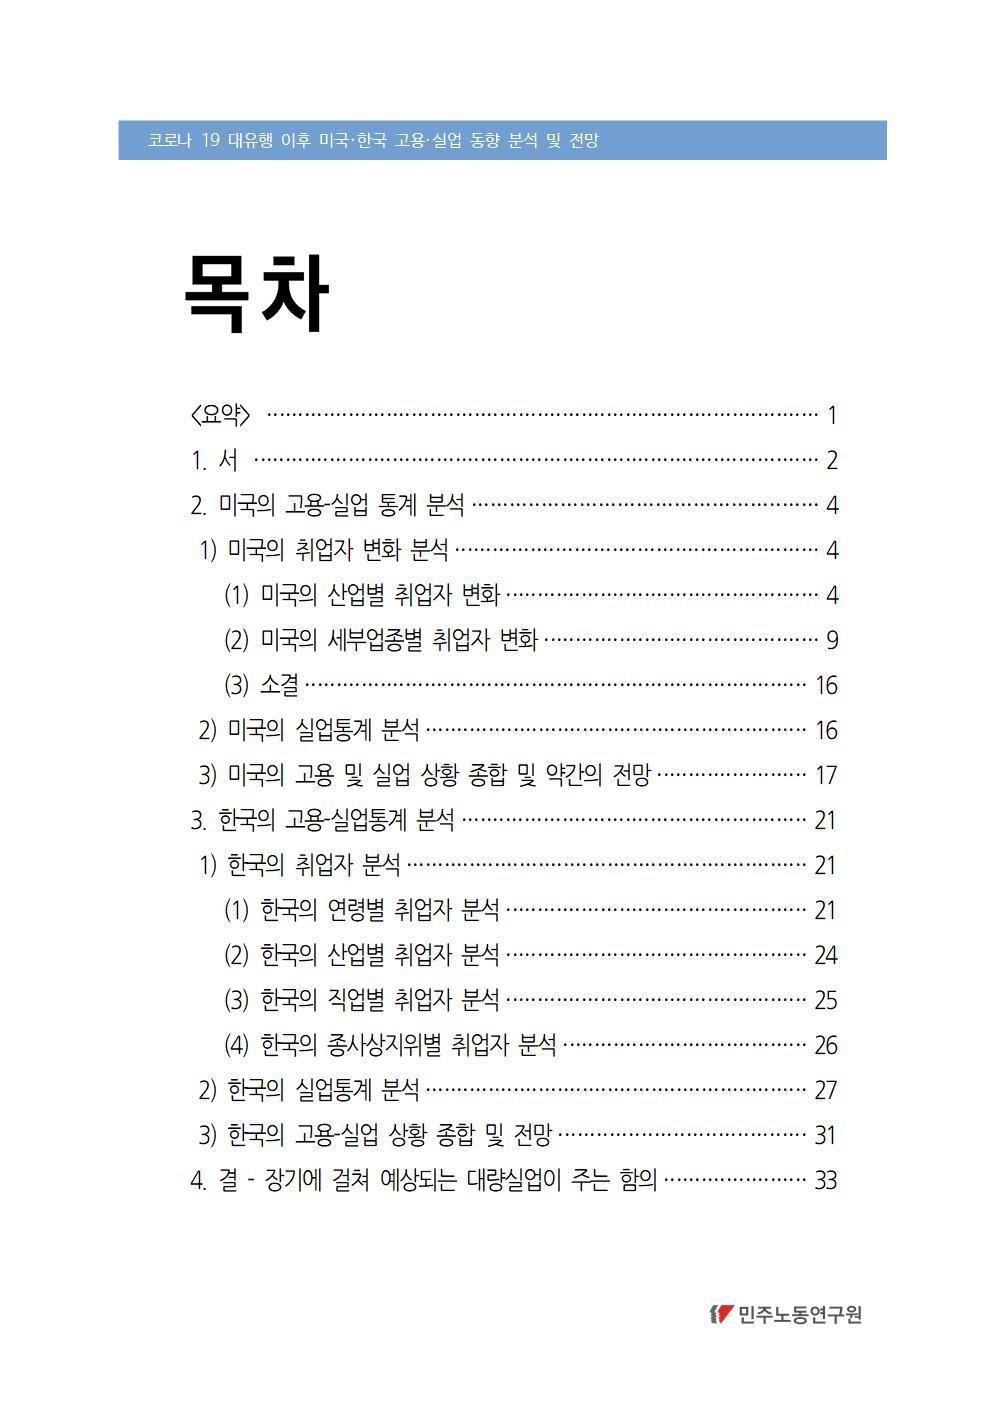 2020_15_코로나_고용실업분석_민주노동연구원이슈페이퍼_박하순_Final_표지002.jpg